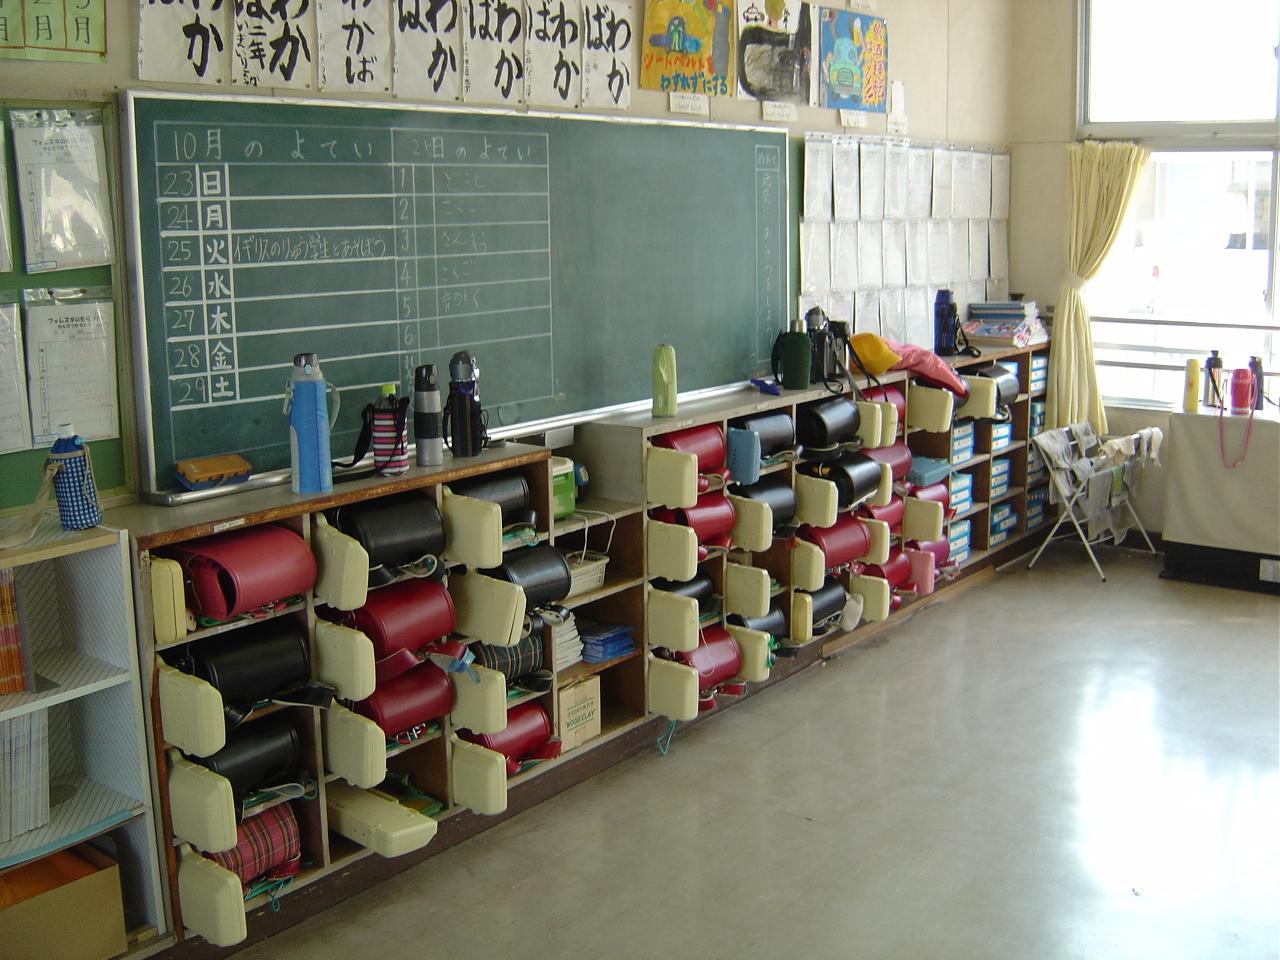 小学校 漢字 小学校 : Japanese Elementary School Classroom